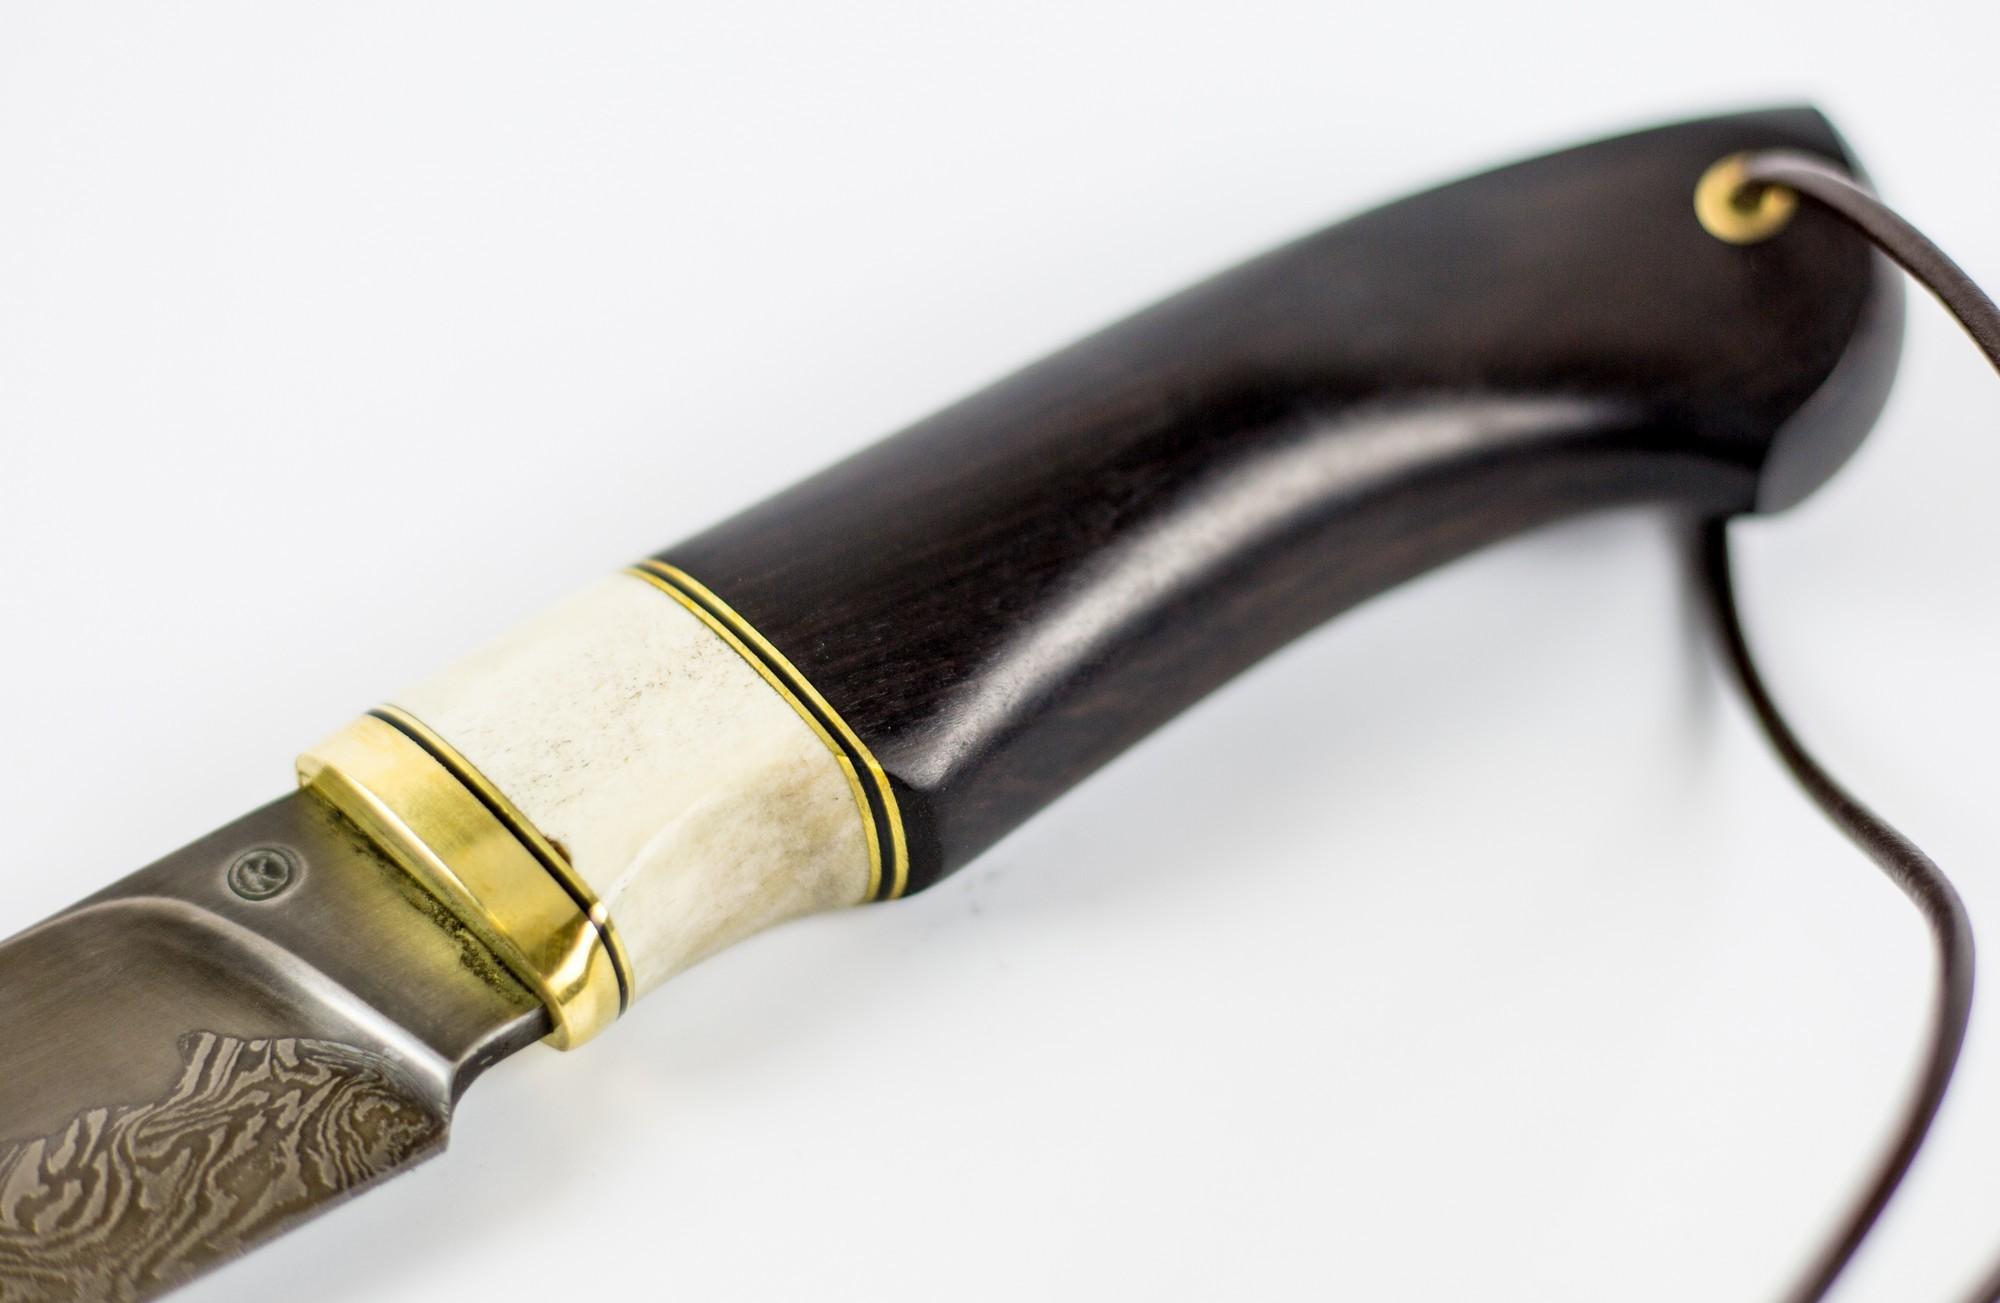 Фото 6 - Нож Зной, сталь углеродистый композит от Ножи Крутова